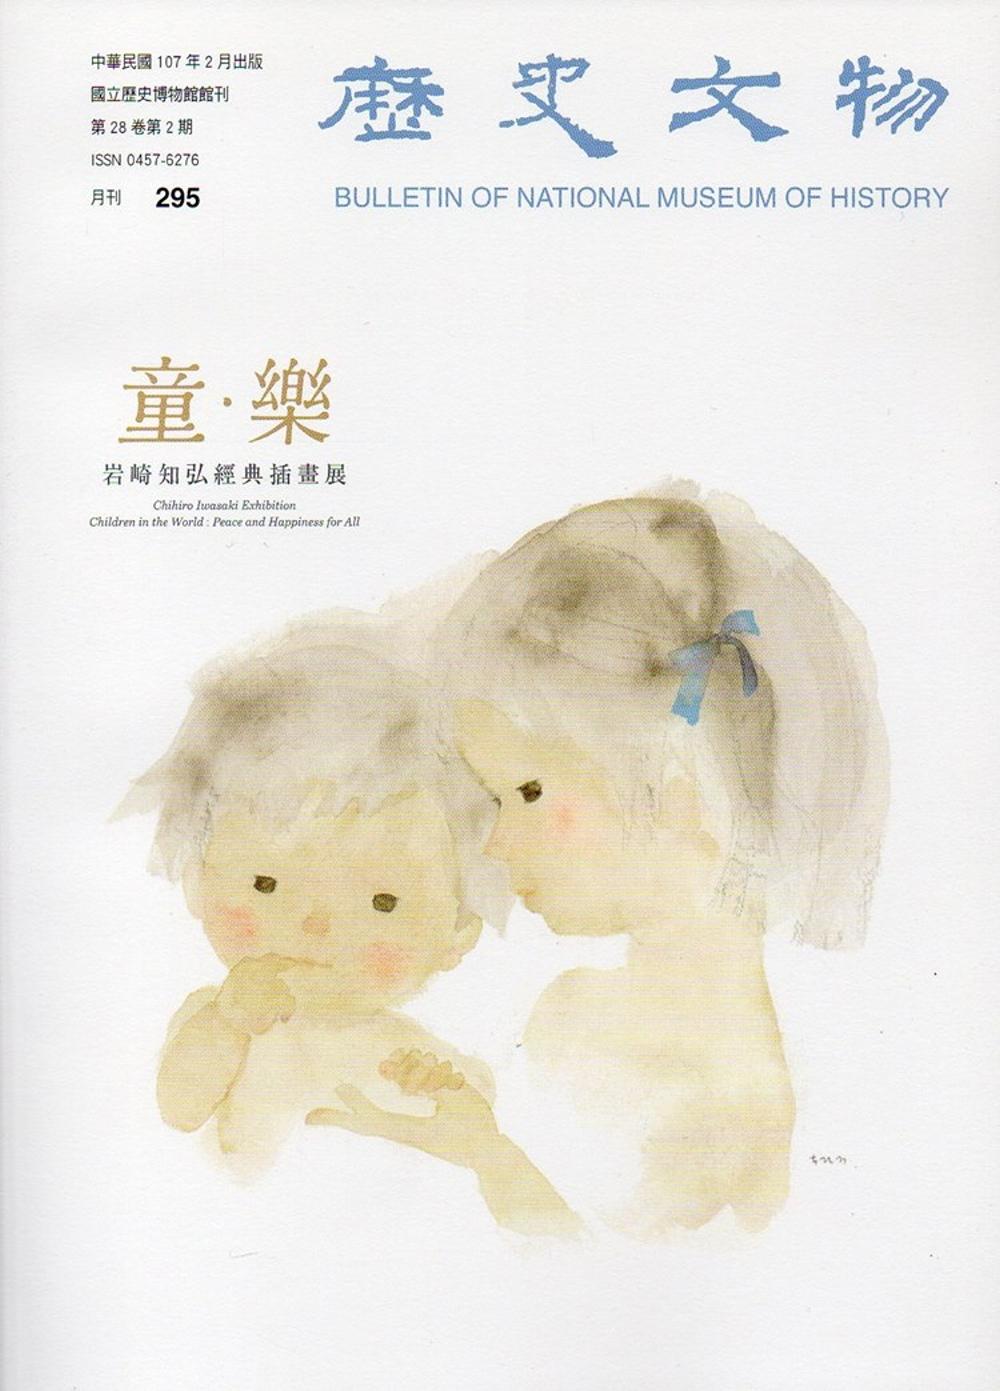 歷史文物月刊第28卷2期(107/02)